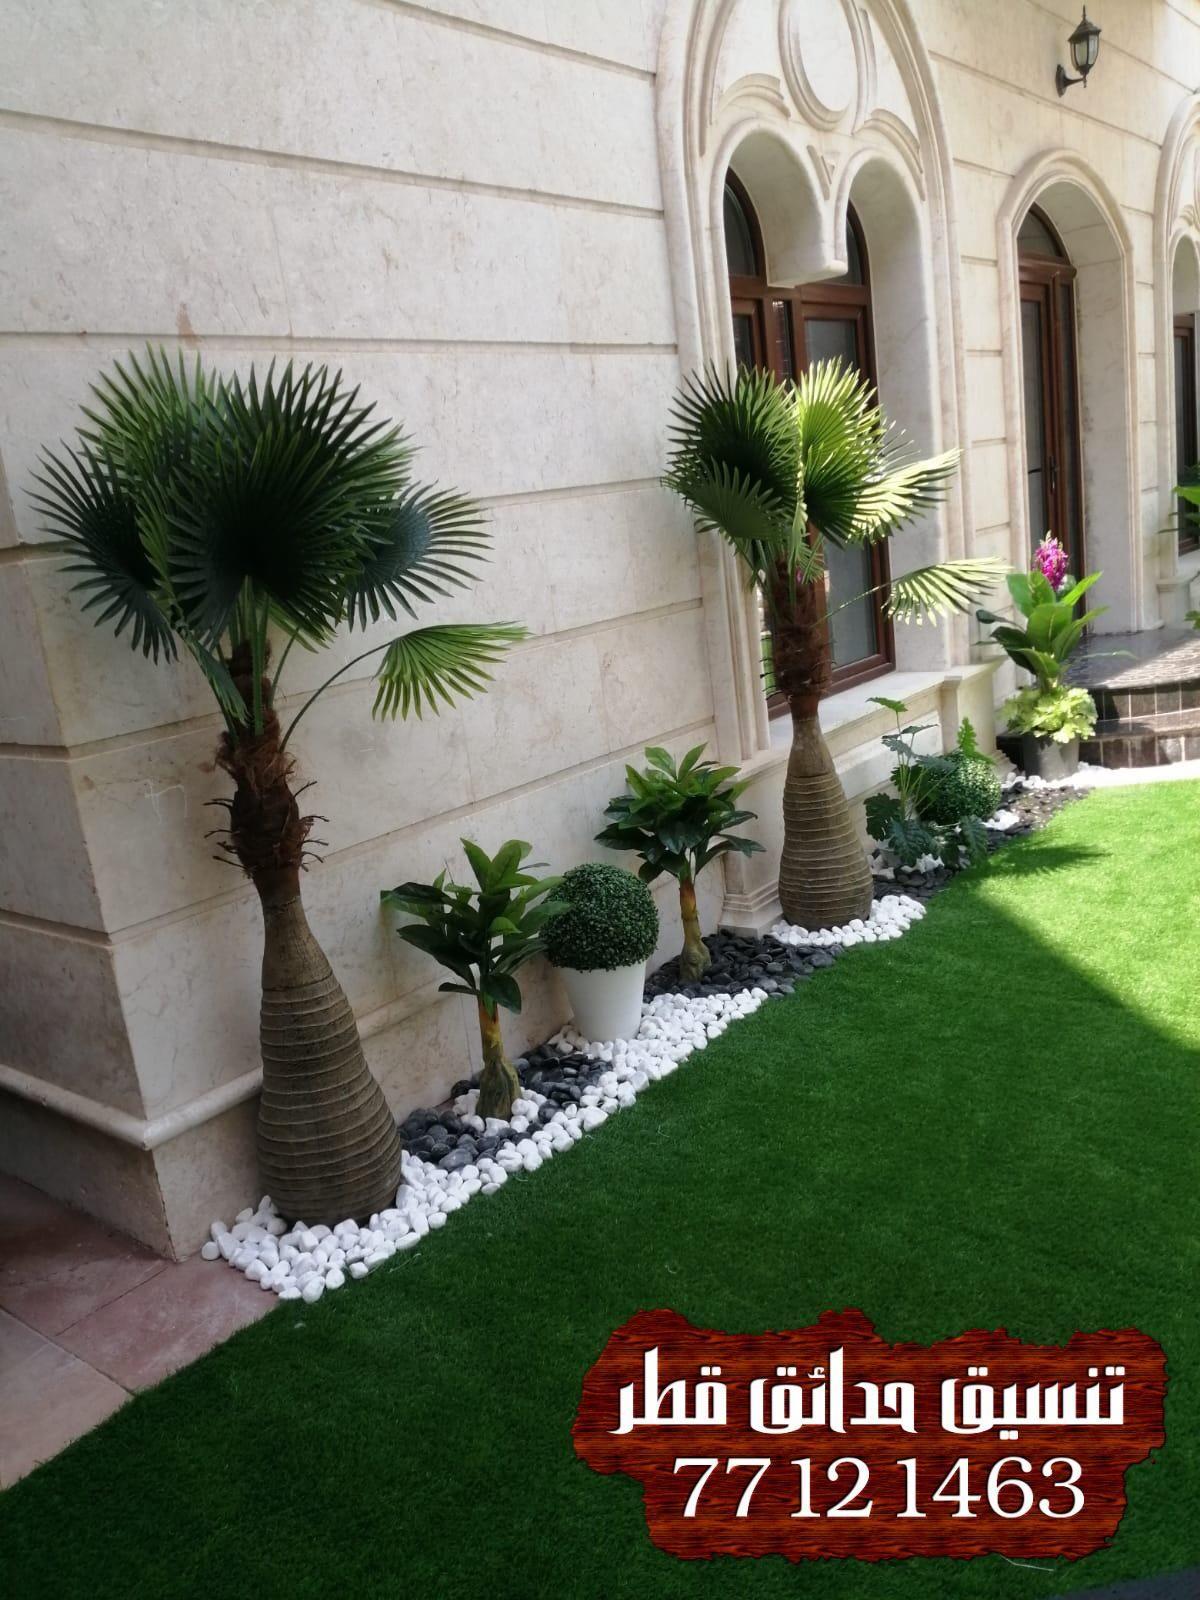 افكار تصميم حديقة منزلية قطر افكار تنسيق حدائق افكار تنسيق حدائق منزليه افكار تجميل حدائق منزلية Design Living Room Designs Instagram